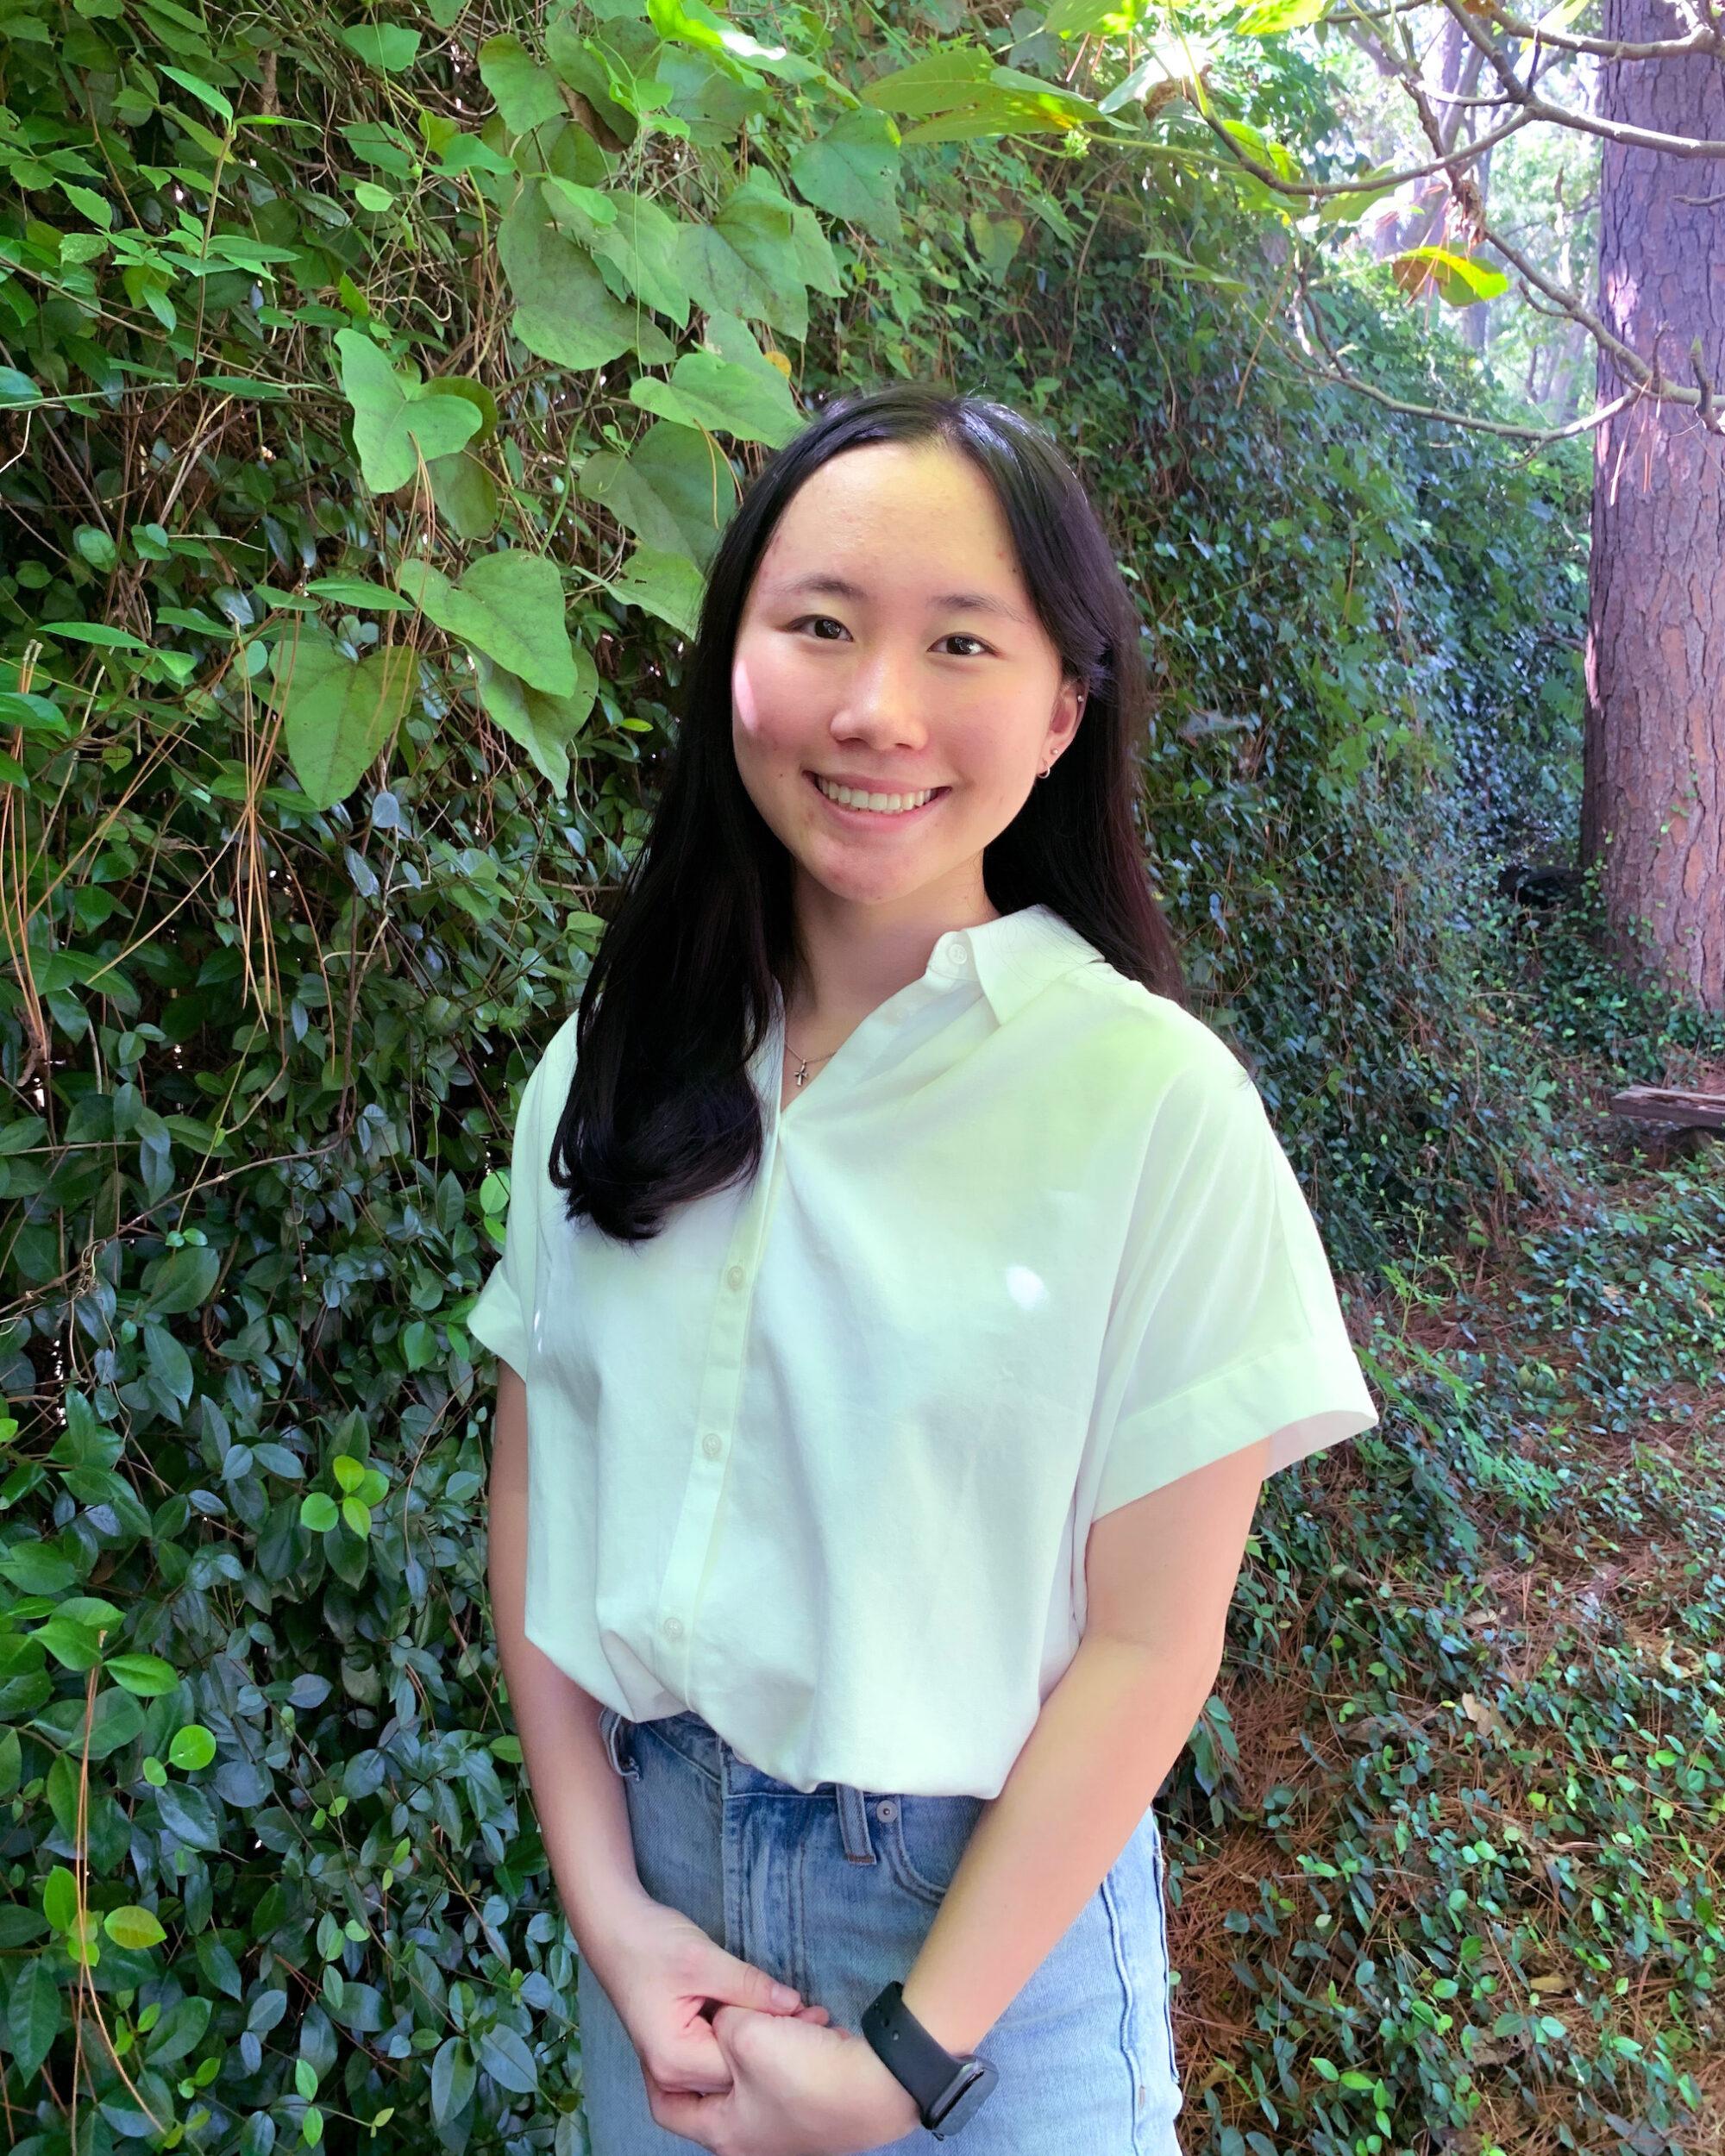 Nia Choi